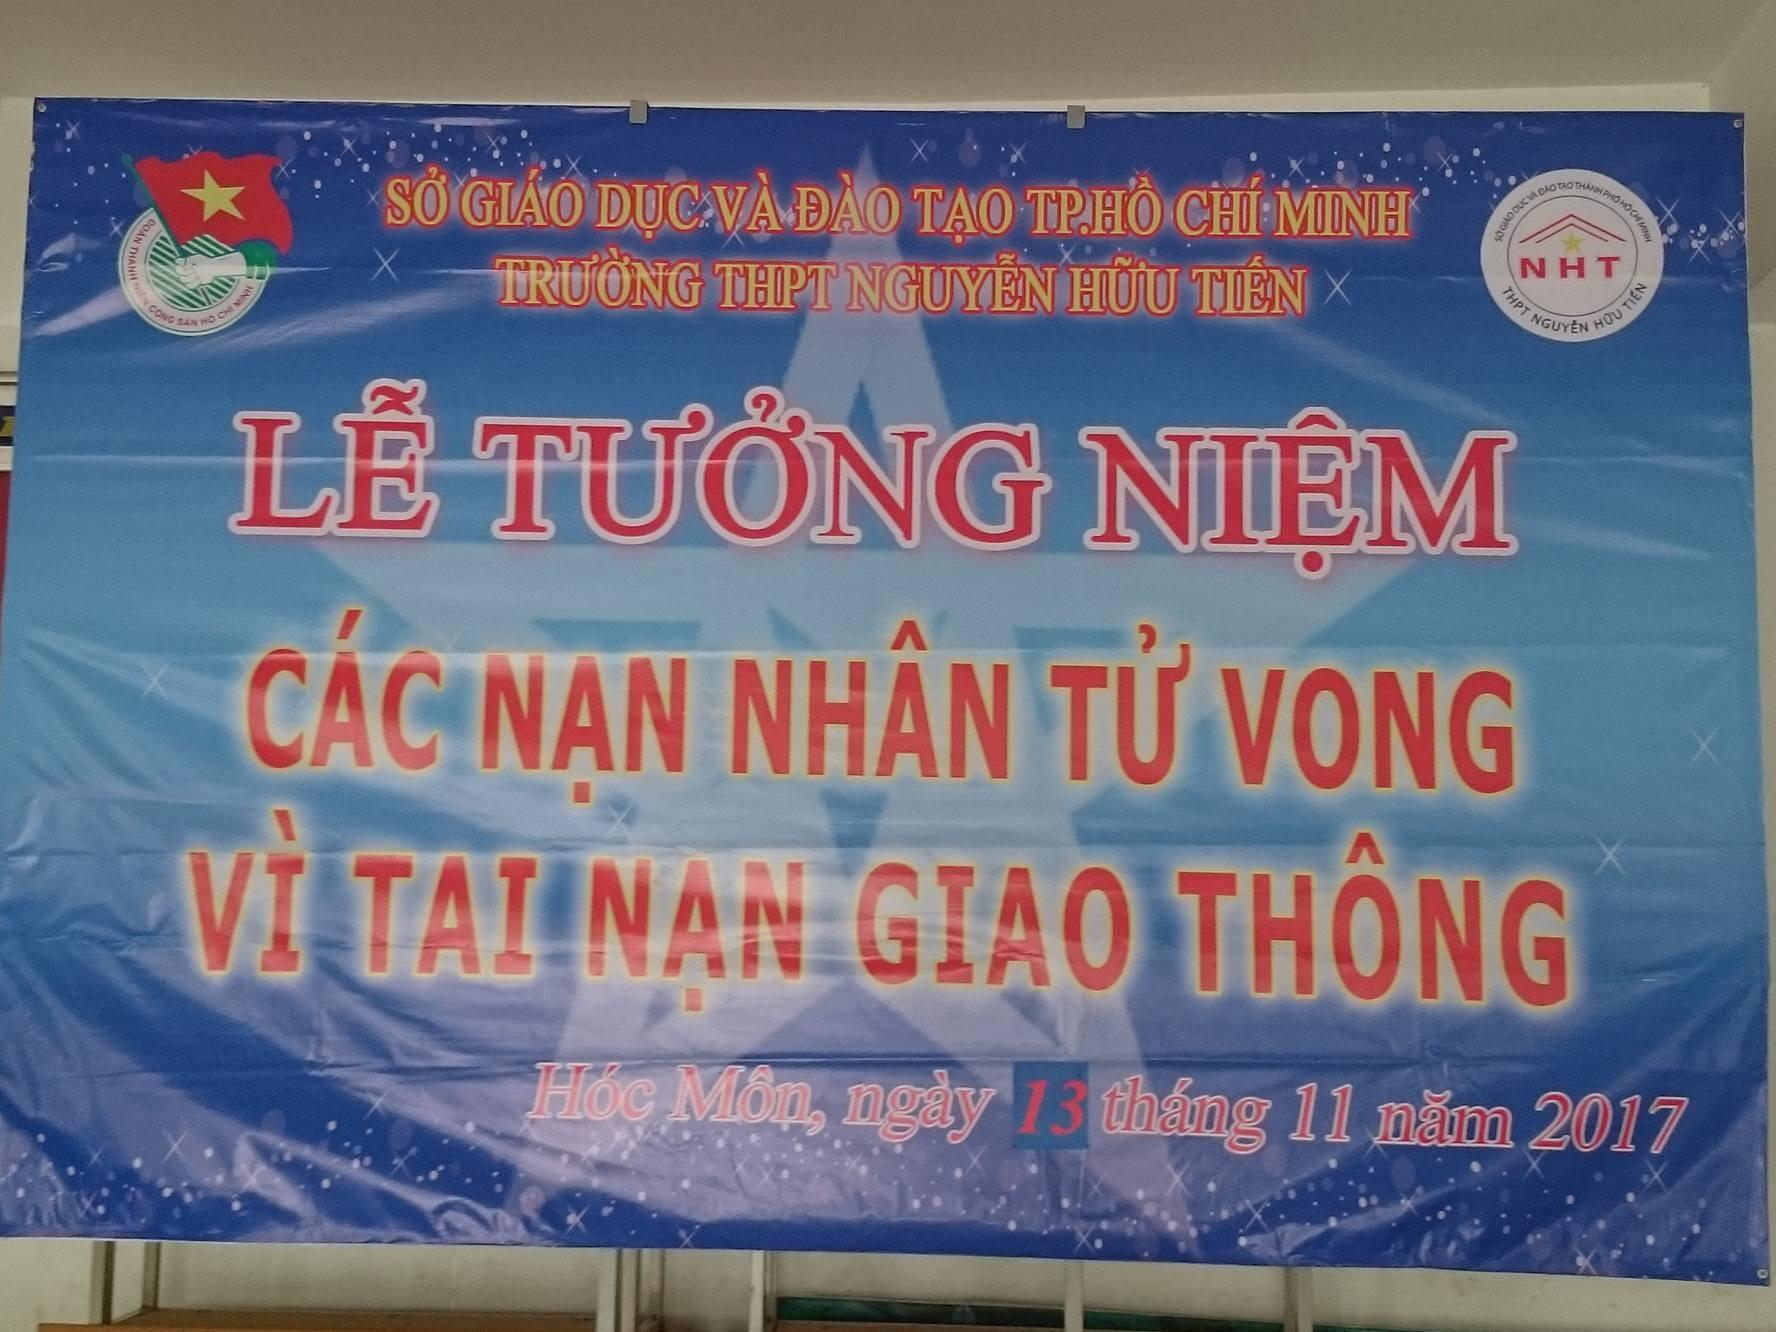 Tuong niem TNGT 2